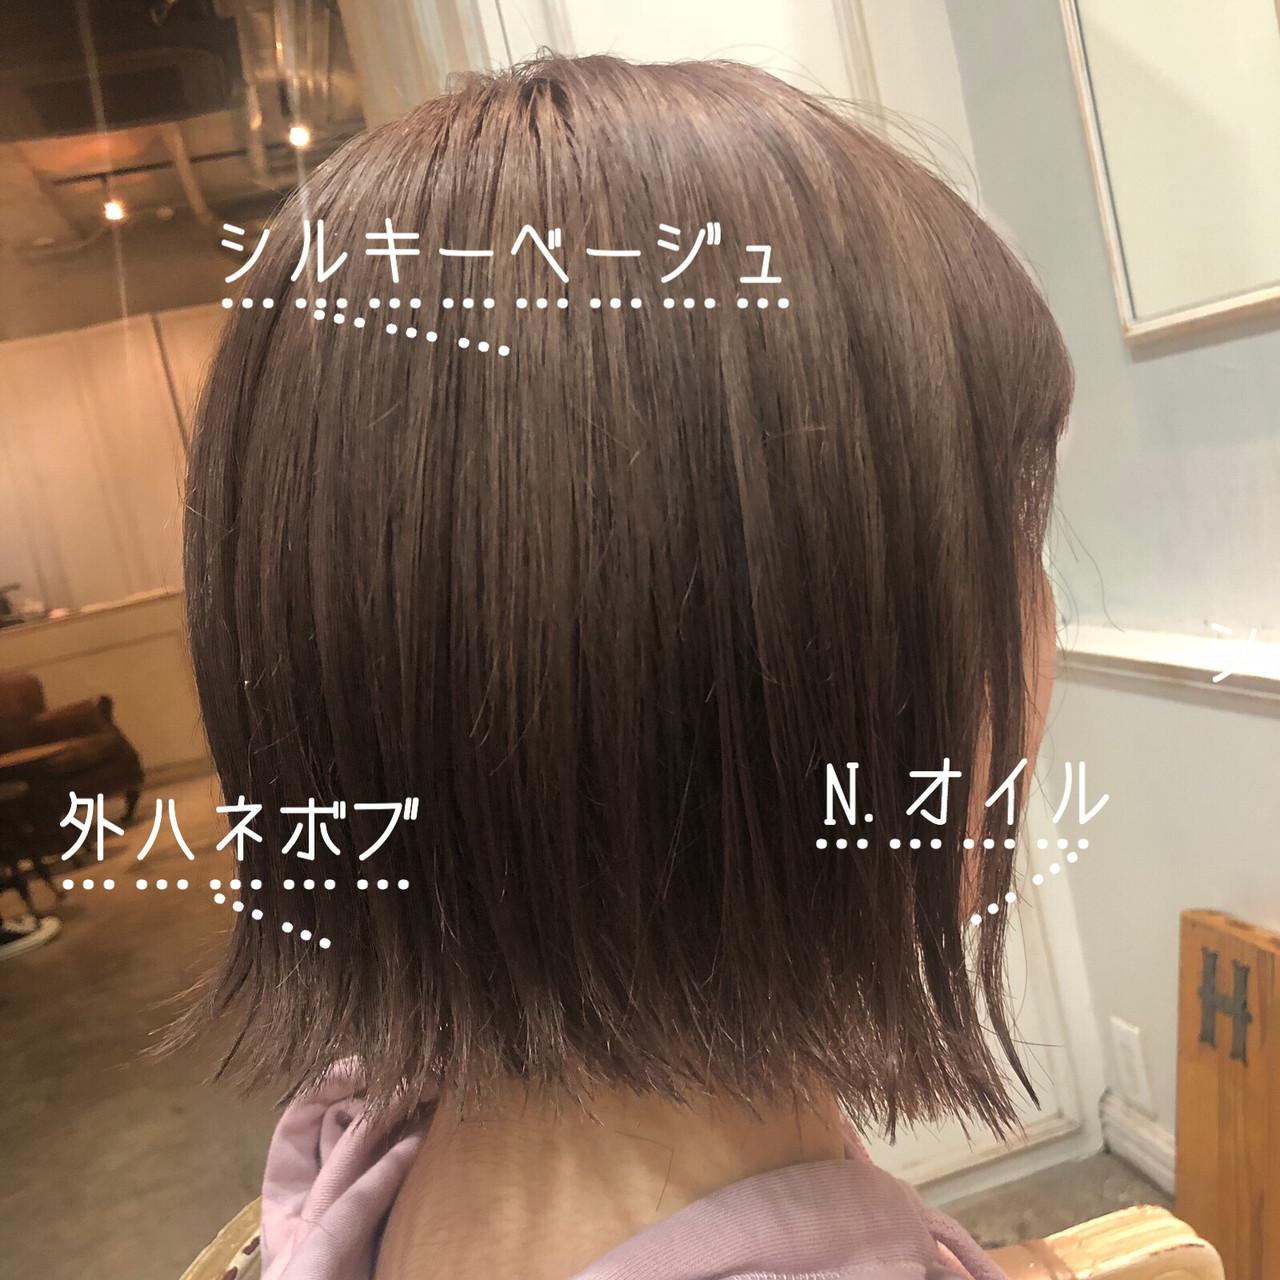 ナチュラル シナモンベージュ ミルクティーベージュ アッシュベージュ ヘアスタイルや髪型の写真・画像 | RUKA / H[eitf] stylist ❤︎